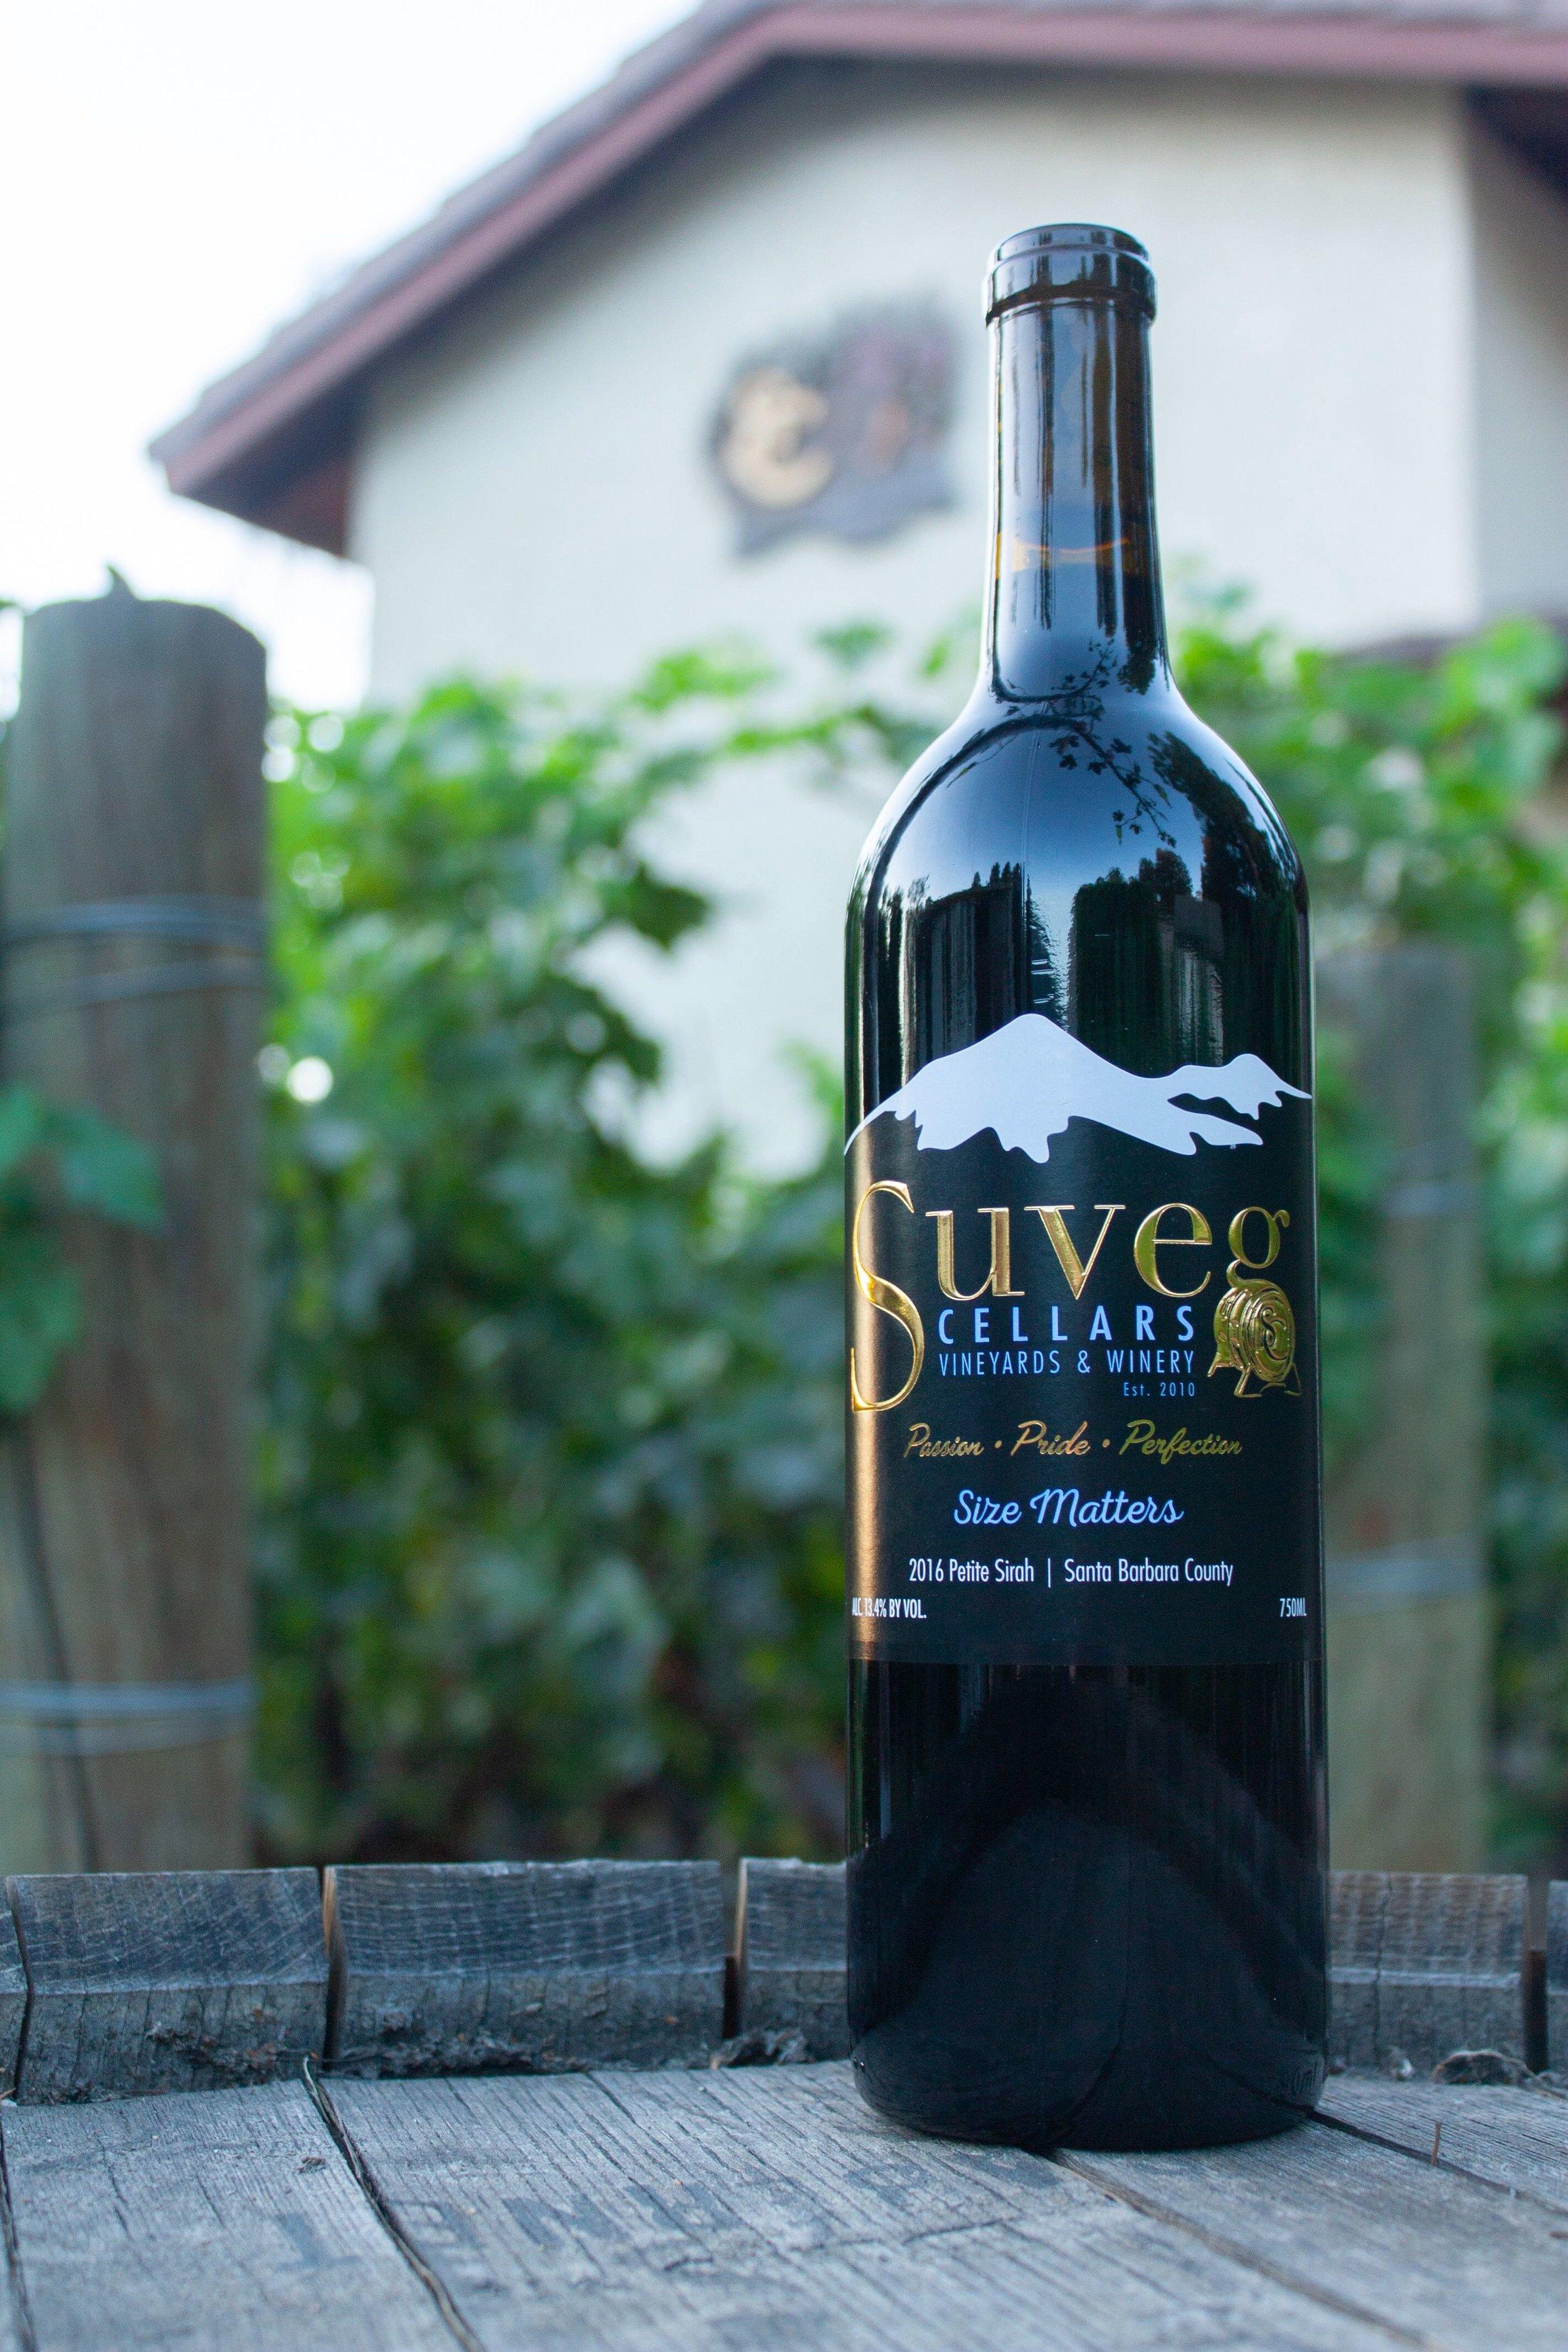 Petite-Sirah-Petite-Verdot-Wine Tasting-Suveg-Cellars-Winery.JPG